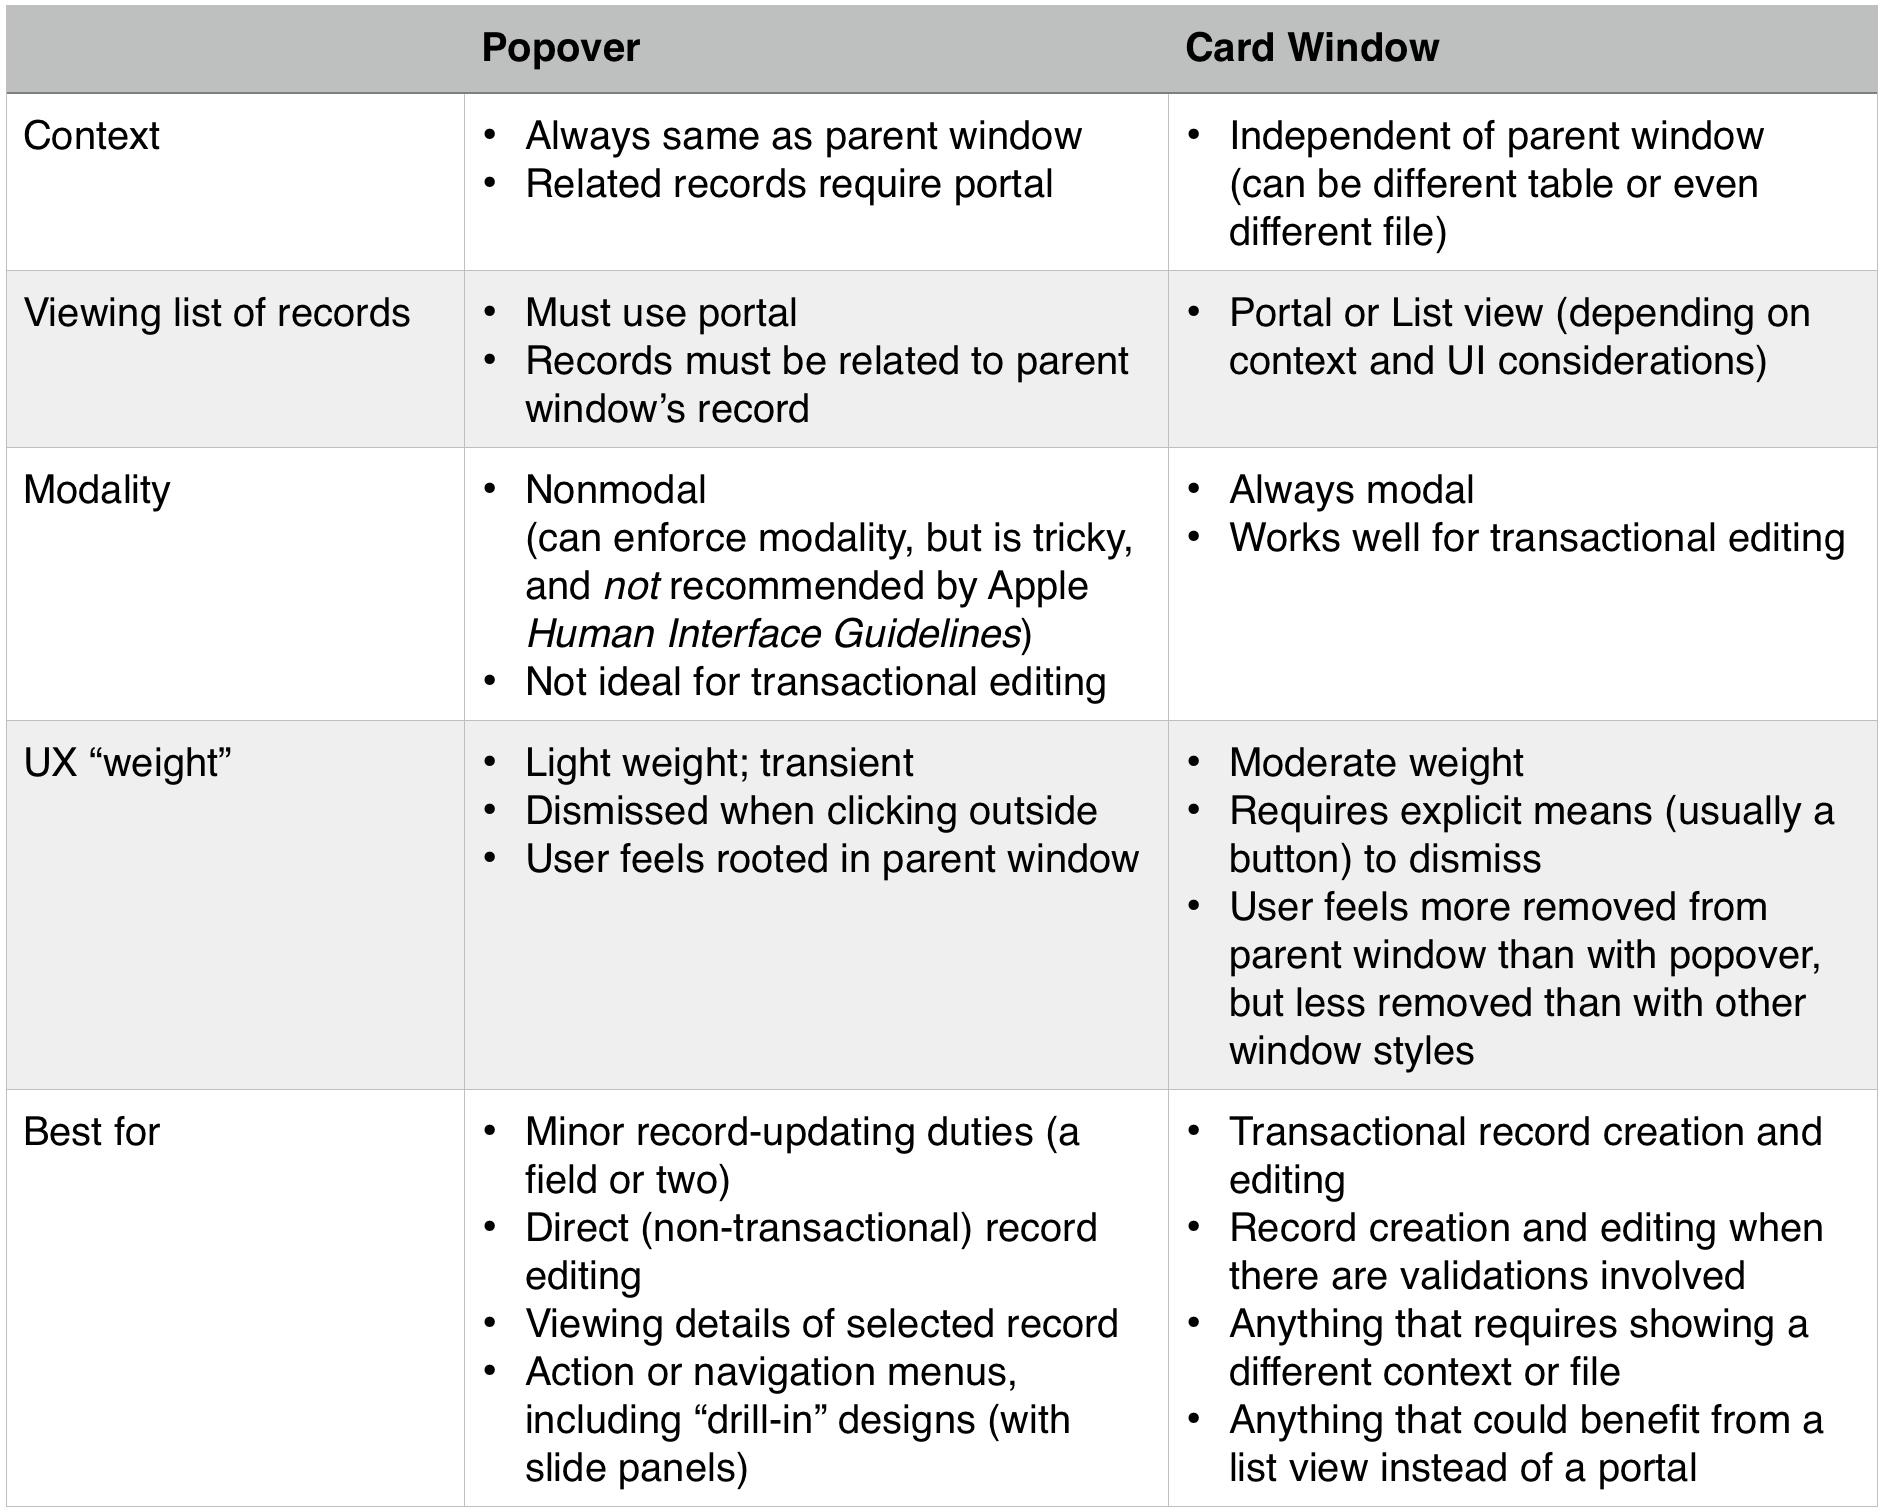 Popovers vs Card Windows